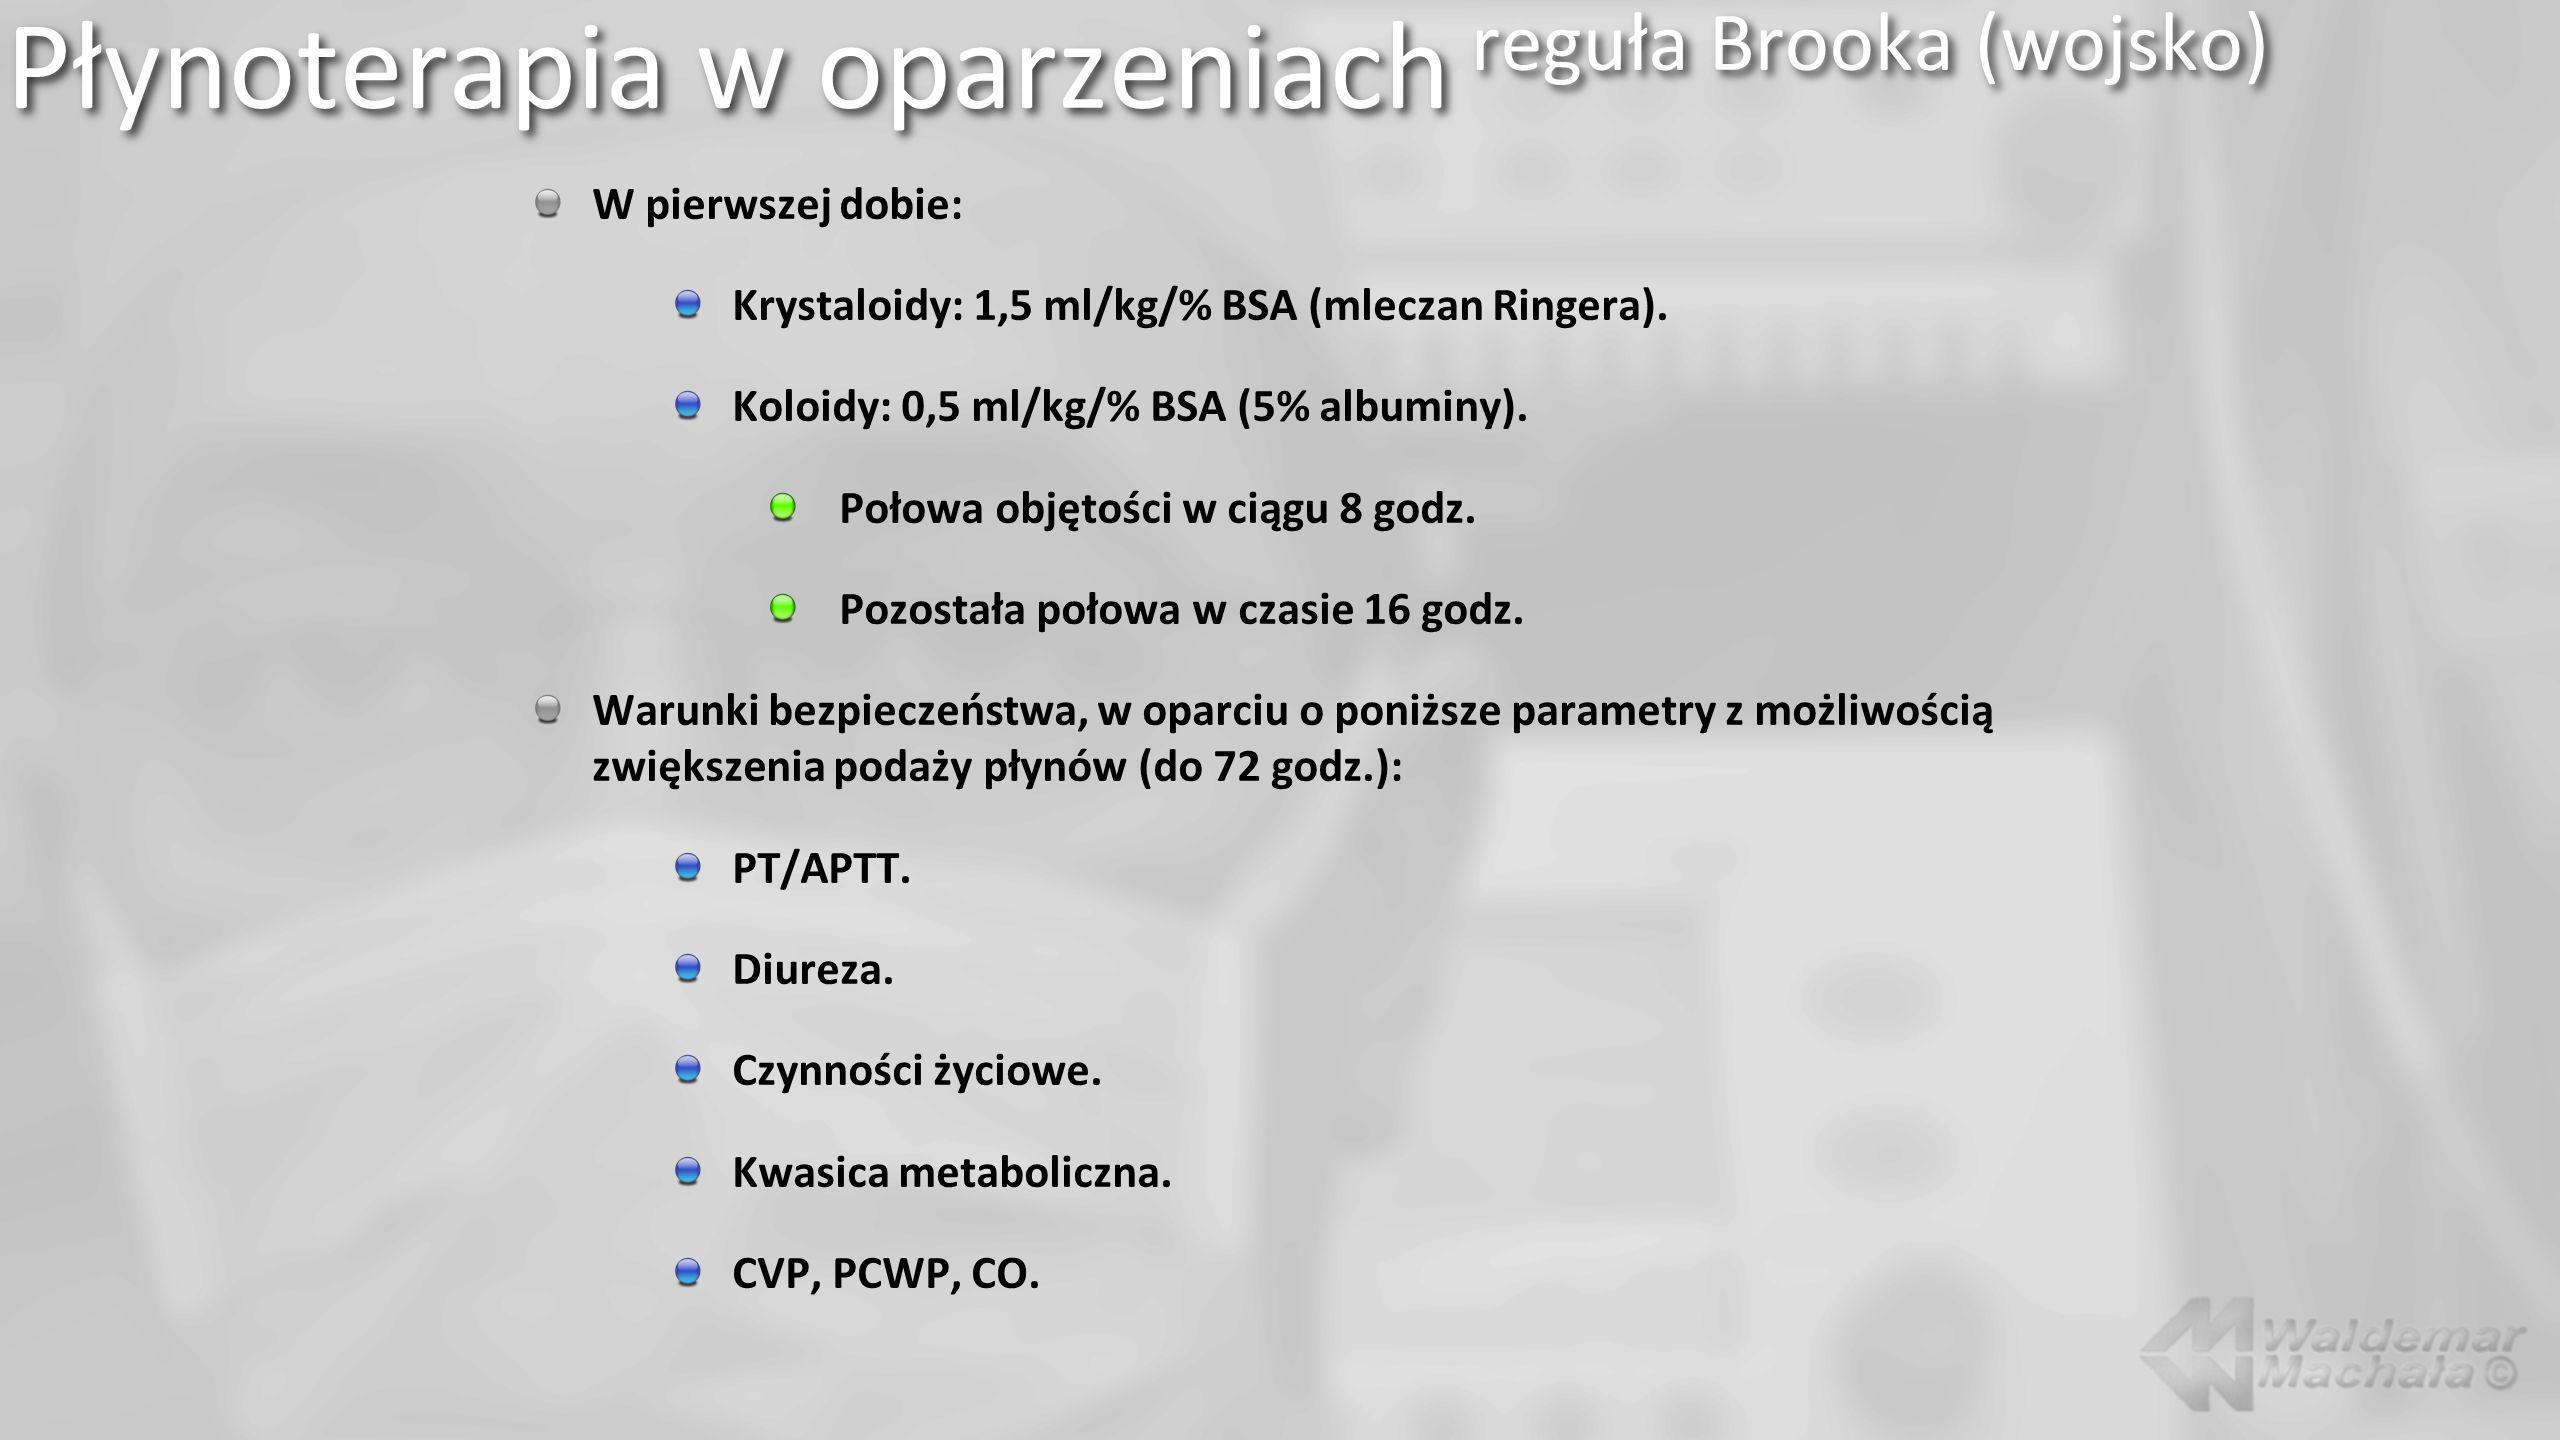 Płynoterapia w oparzeniach reguła Brooka (wojsko)